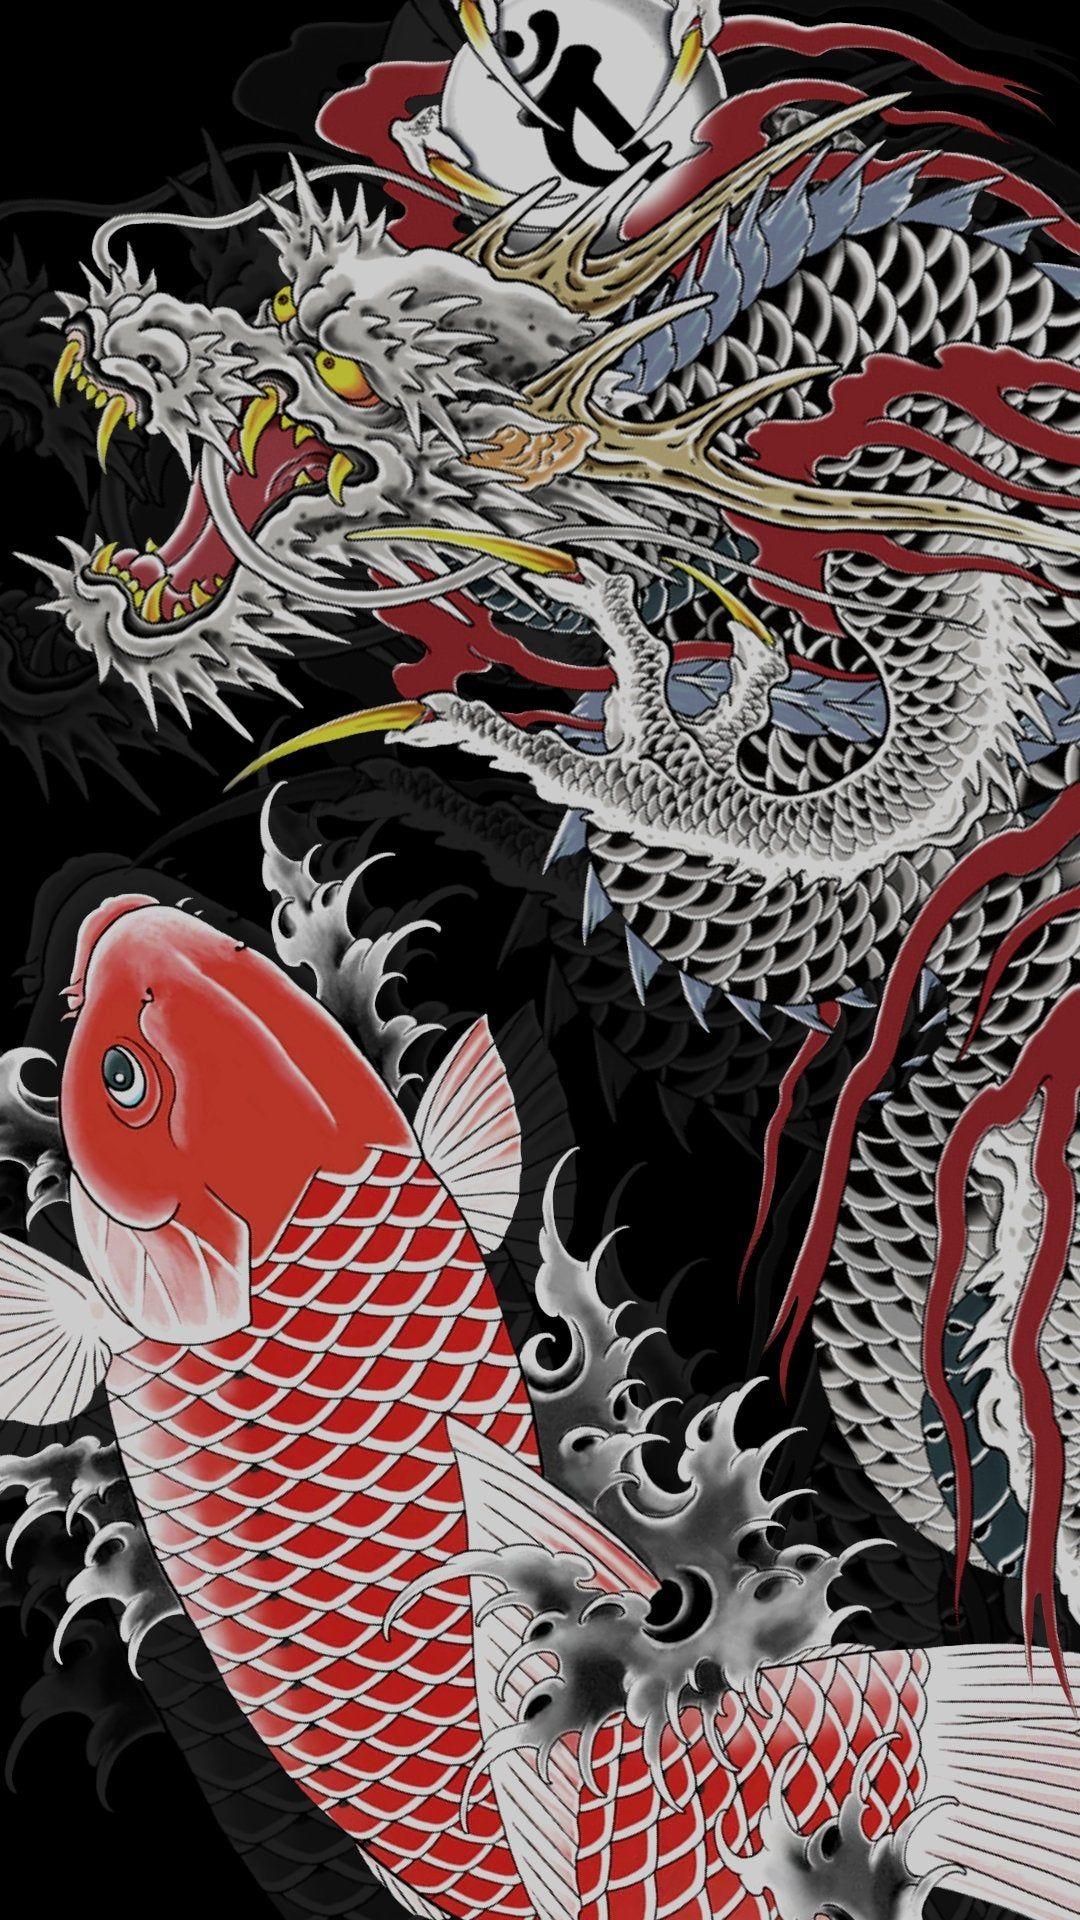 40 Gambar Yakuza Wallpaper Hd Android Terbaru 2020 Wallpaper Seni Seni Jepang Seni